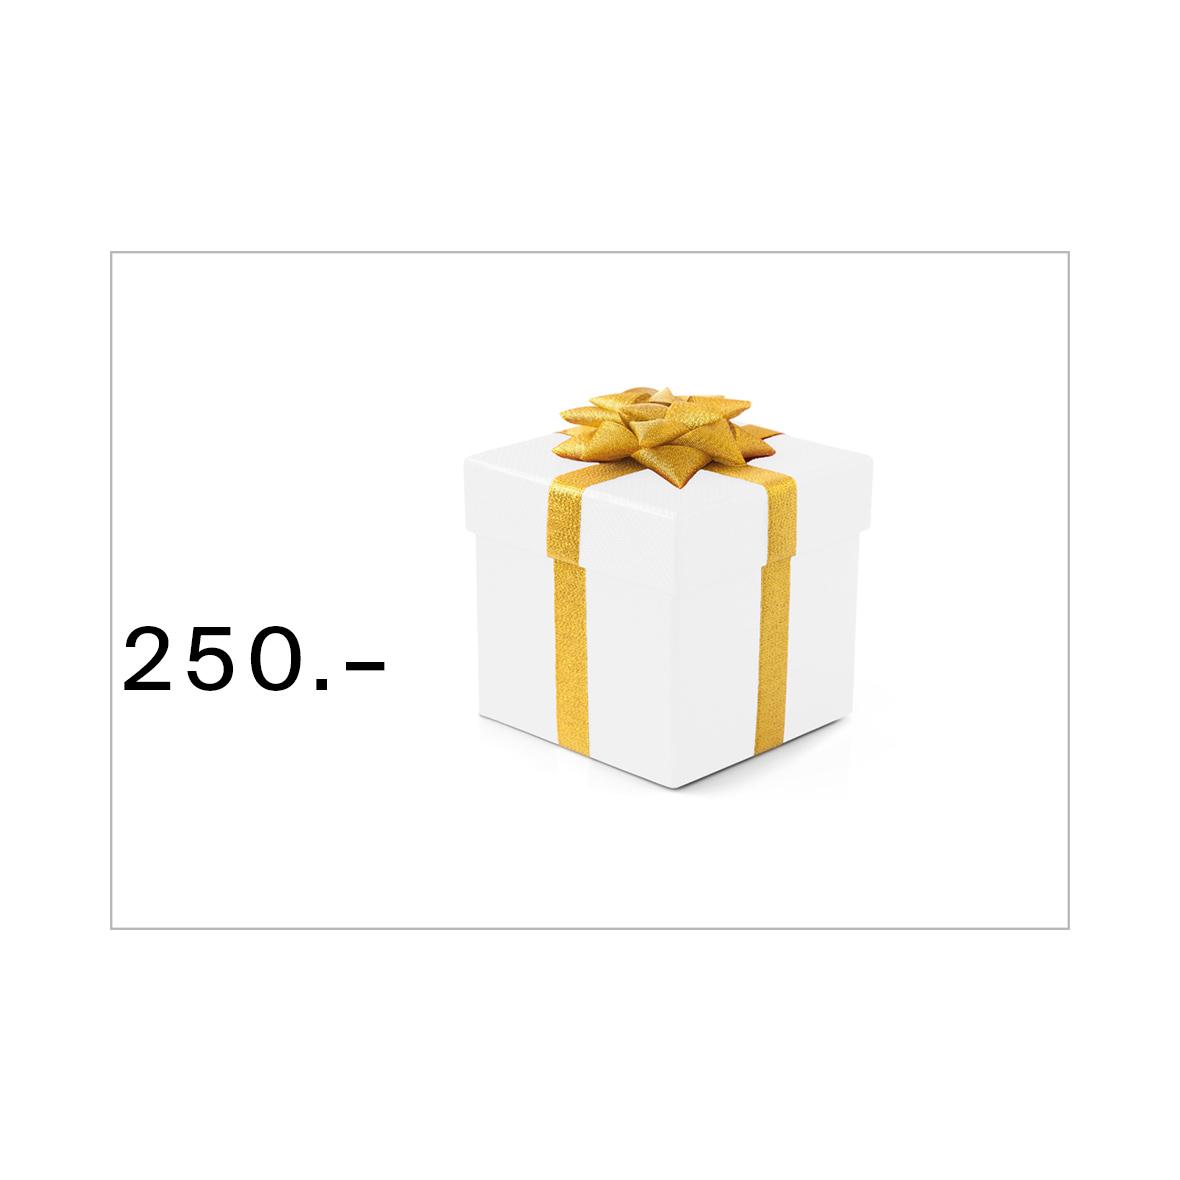 geschenkgutschein bestswiss chf 250.–